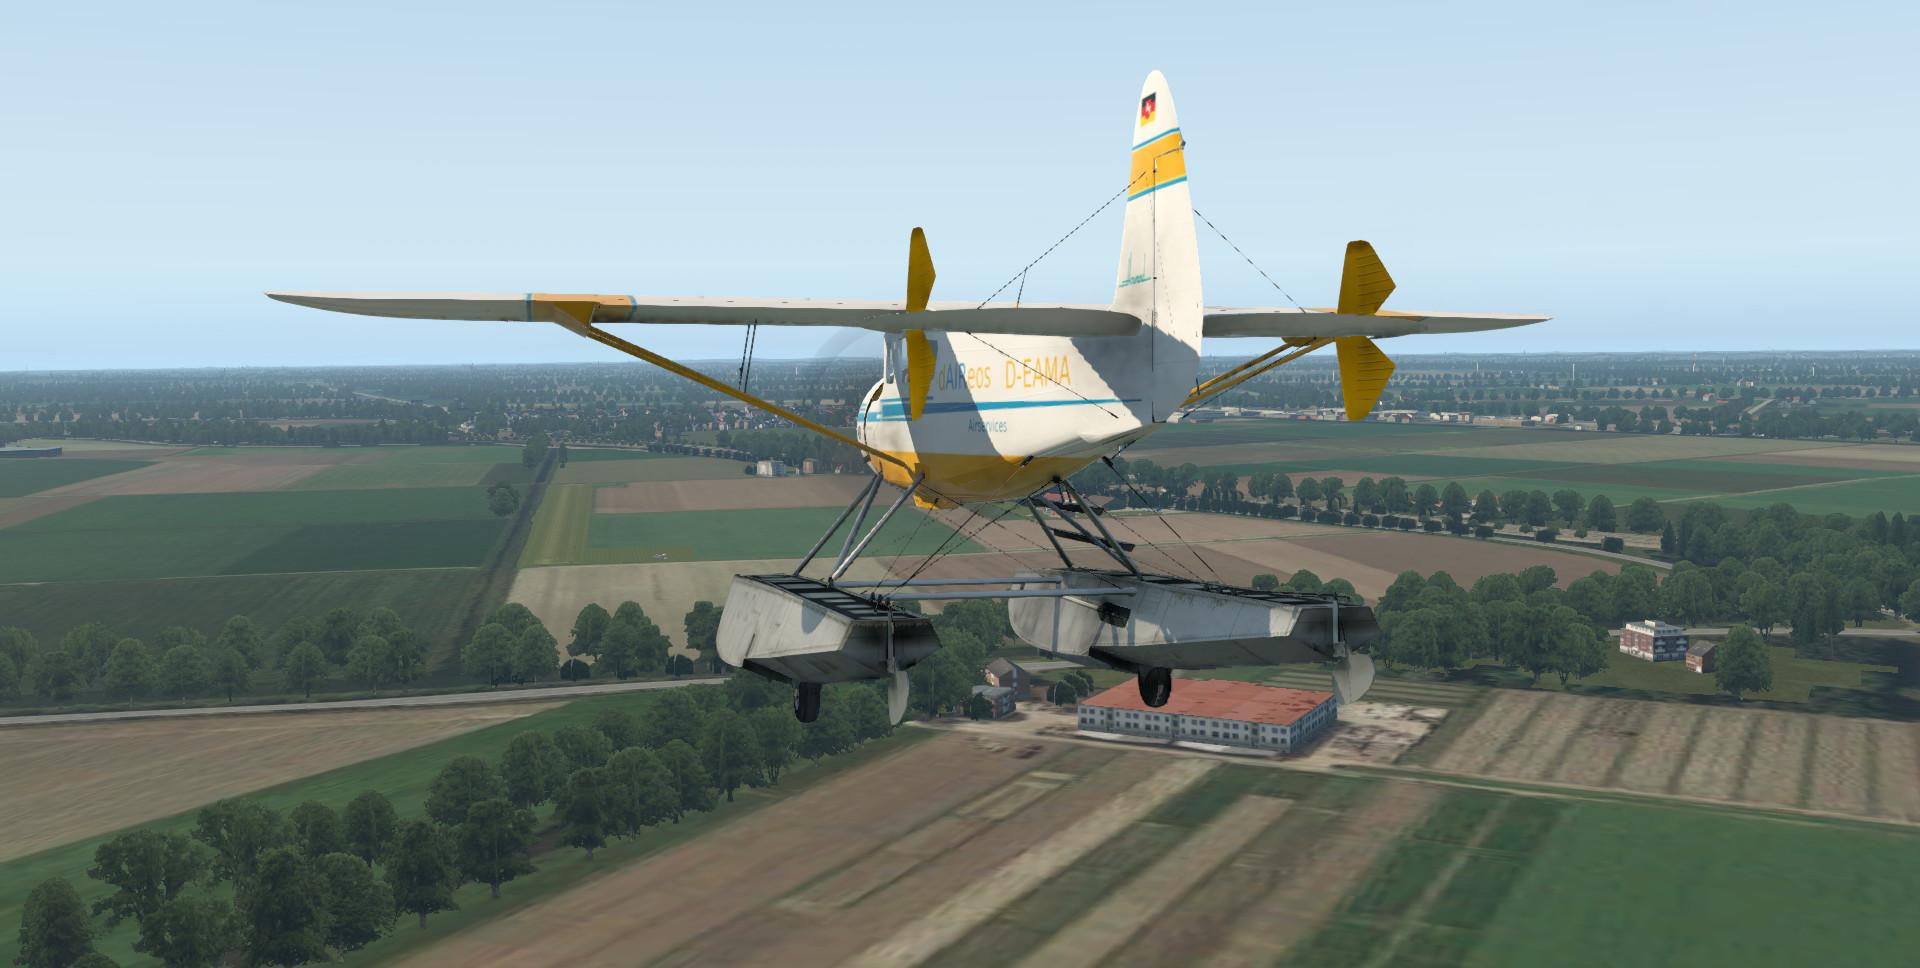 nordseerundflug-0444qkyg.jpg